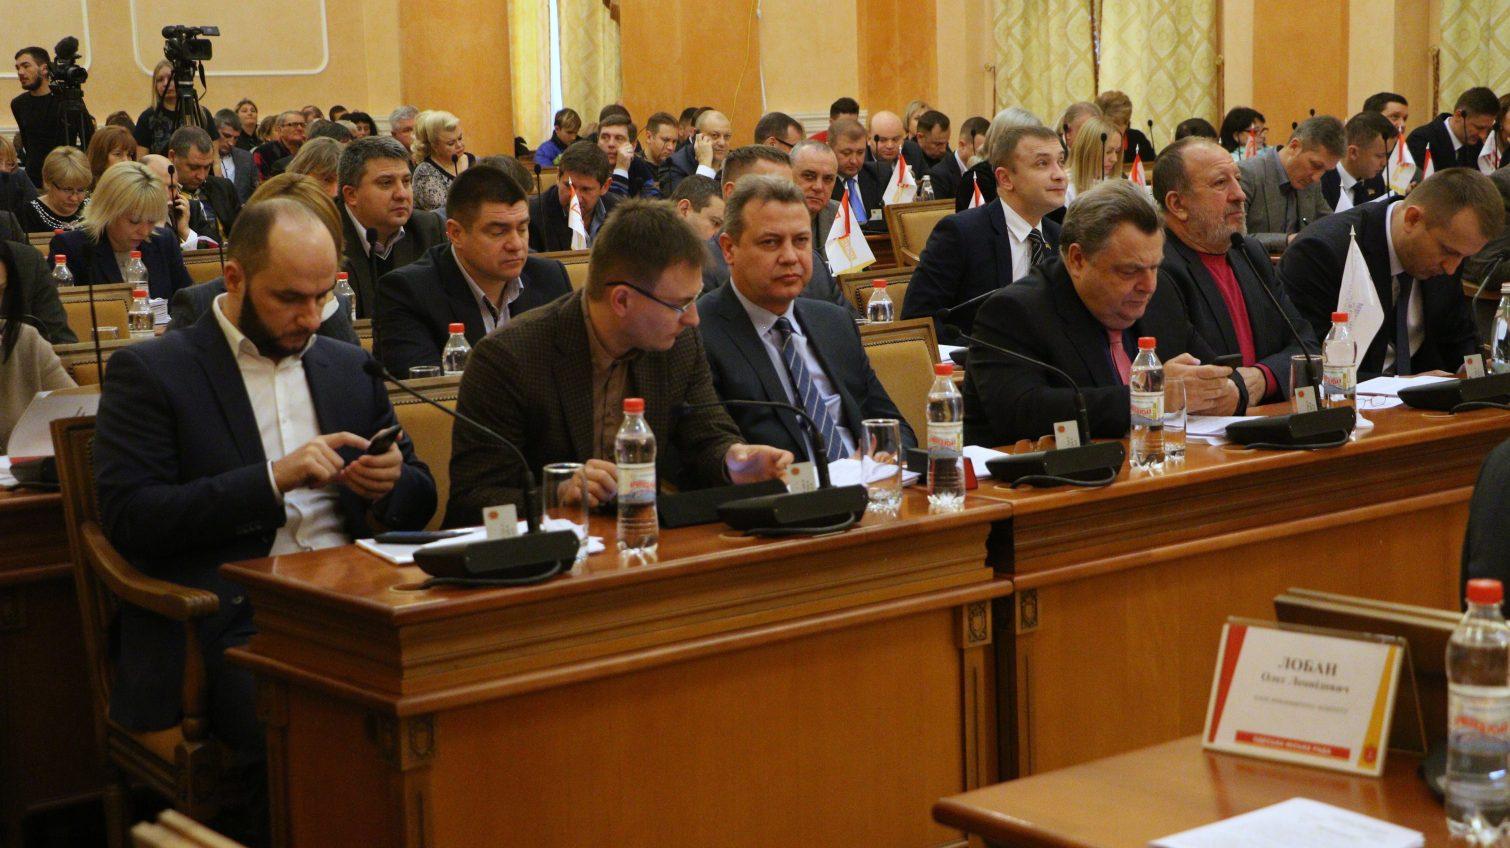 Не спешат отчитываться: меньше половины депутатов Одесского горсовета рассказали избирателям, что сделали за год «фото»